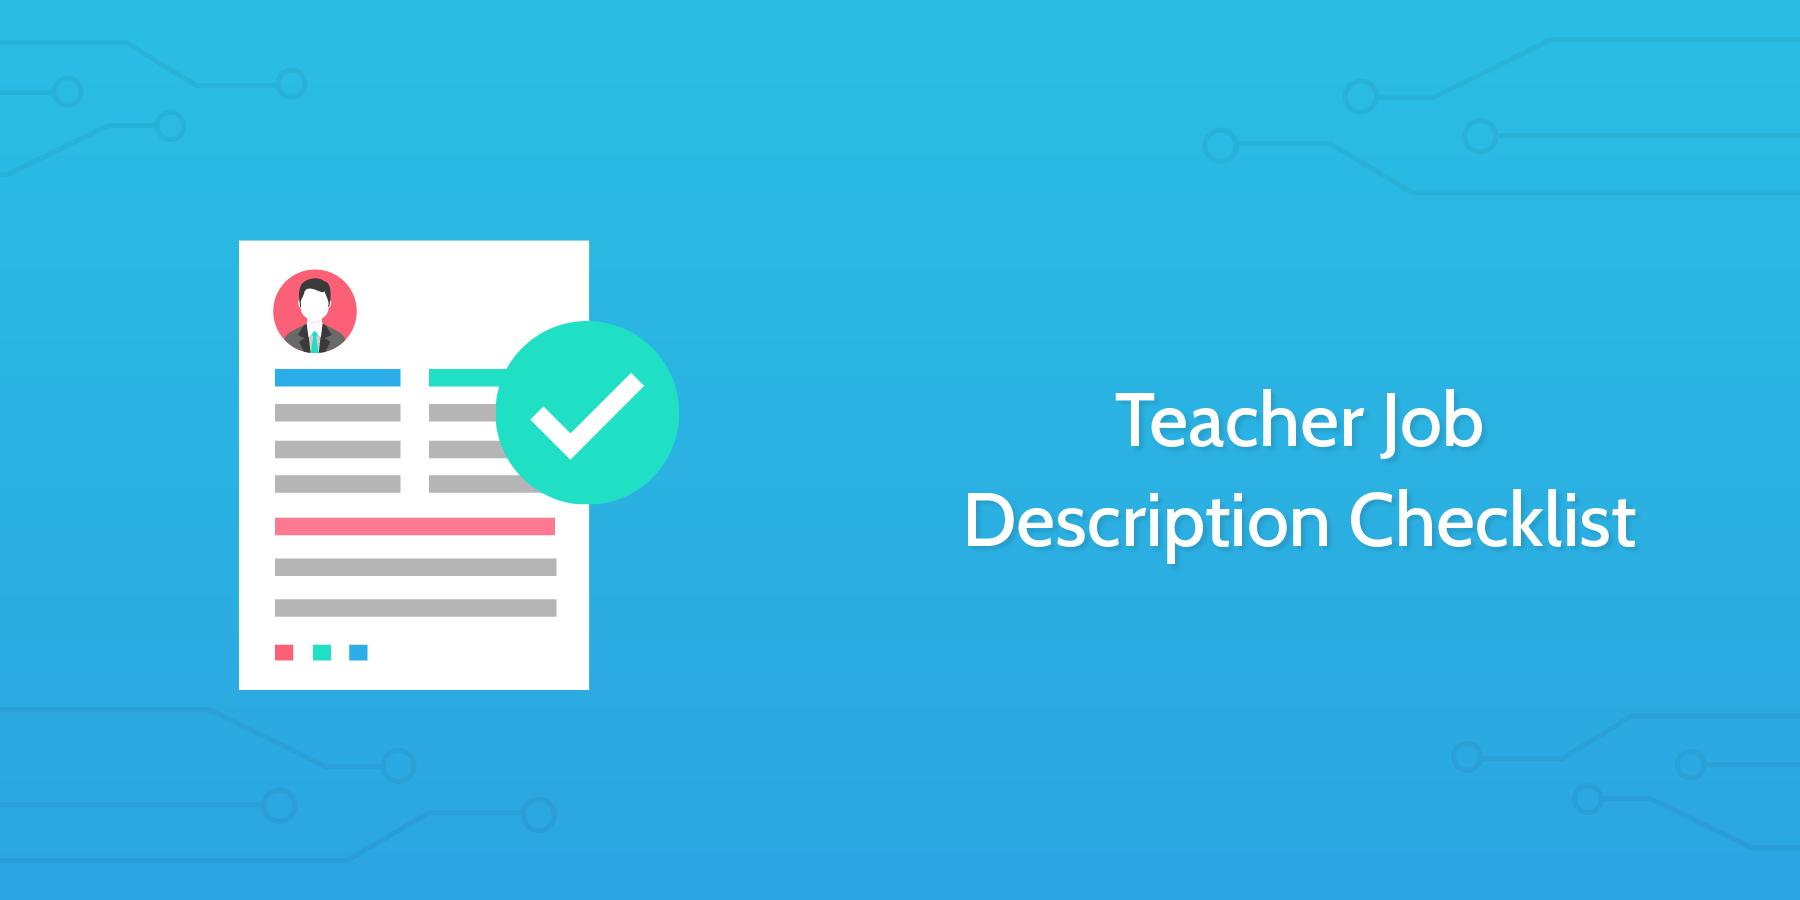 Teacher Job Description Checklist - Process Street